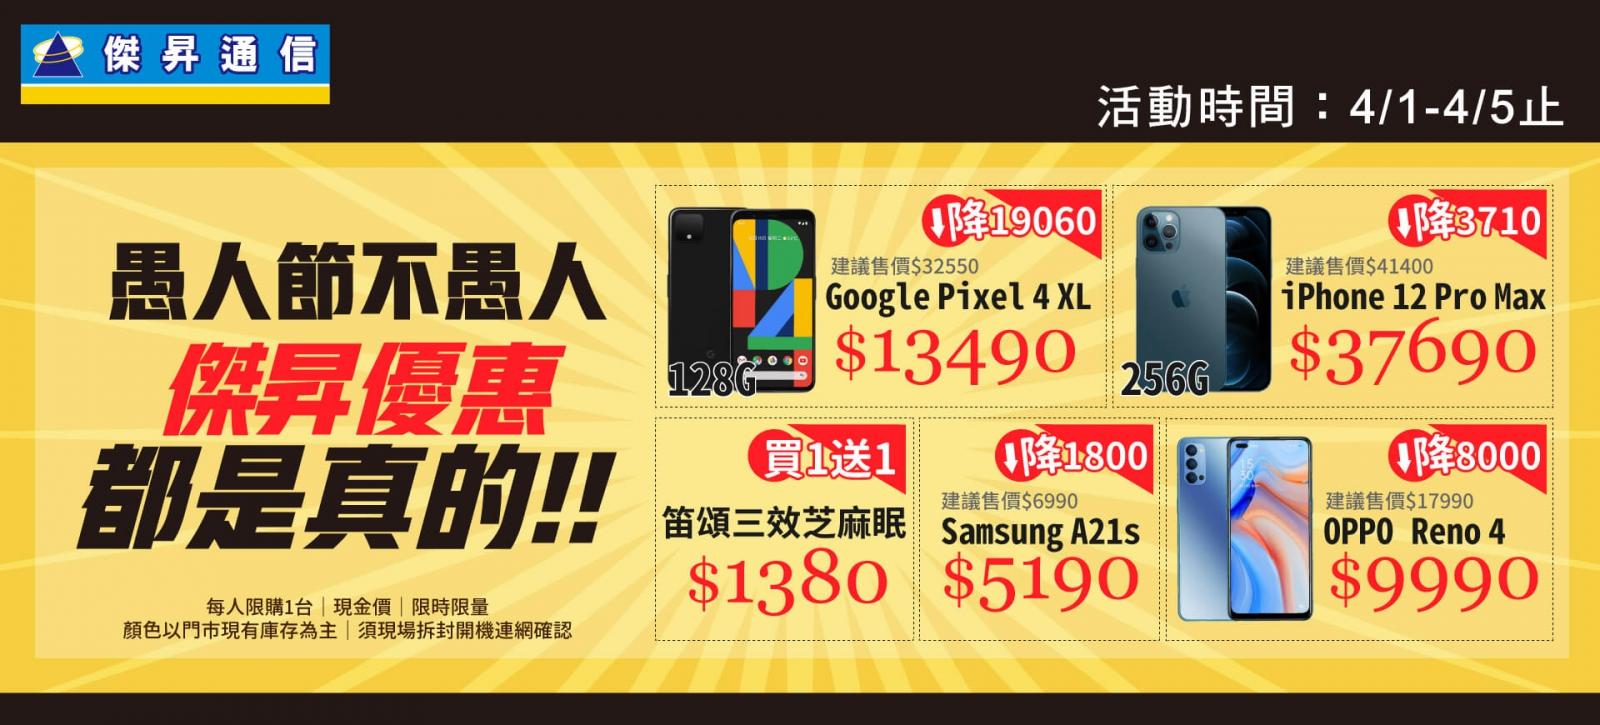 傑昇通信真心不騙,趁清明連假再加碼,就是要讓消費者享「愚人節真優惠」